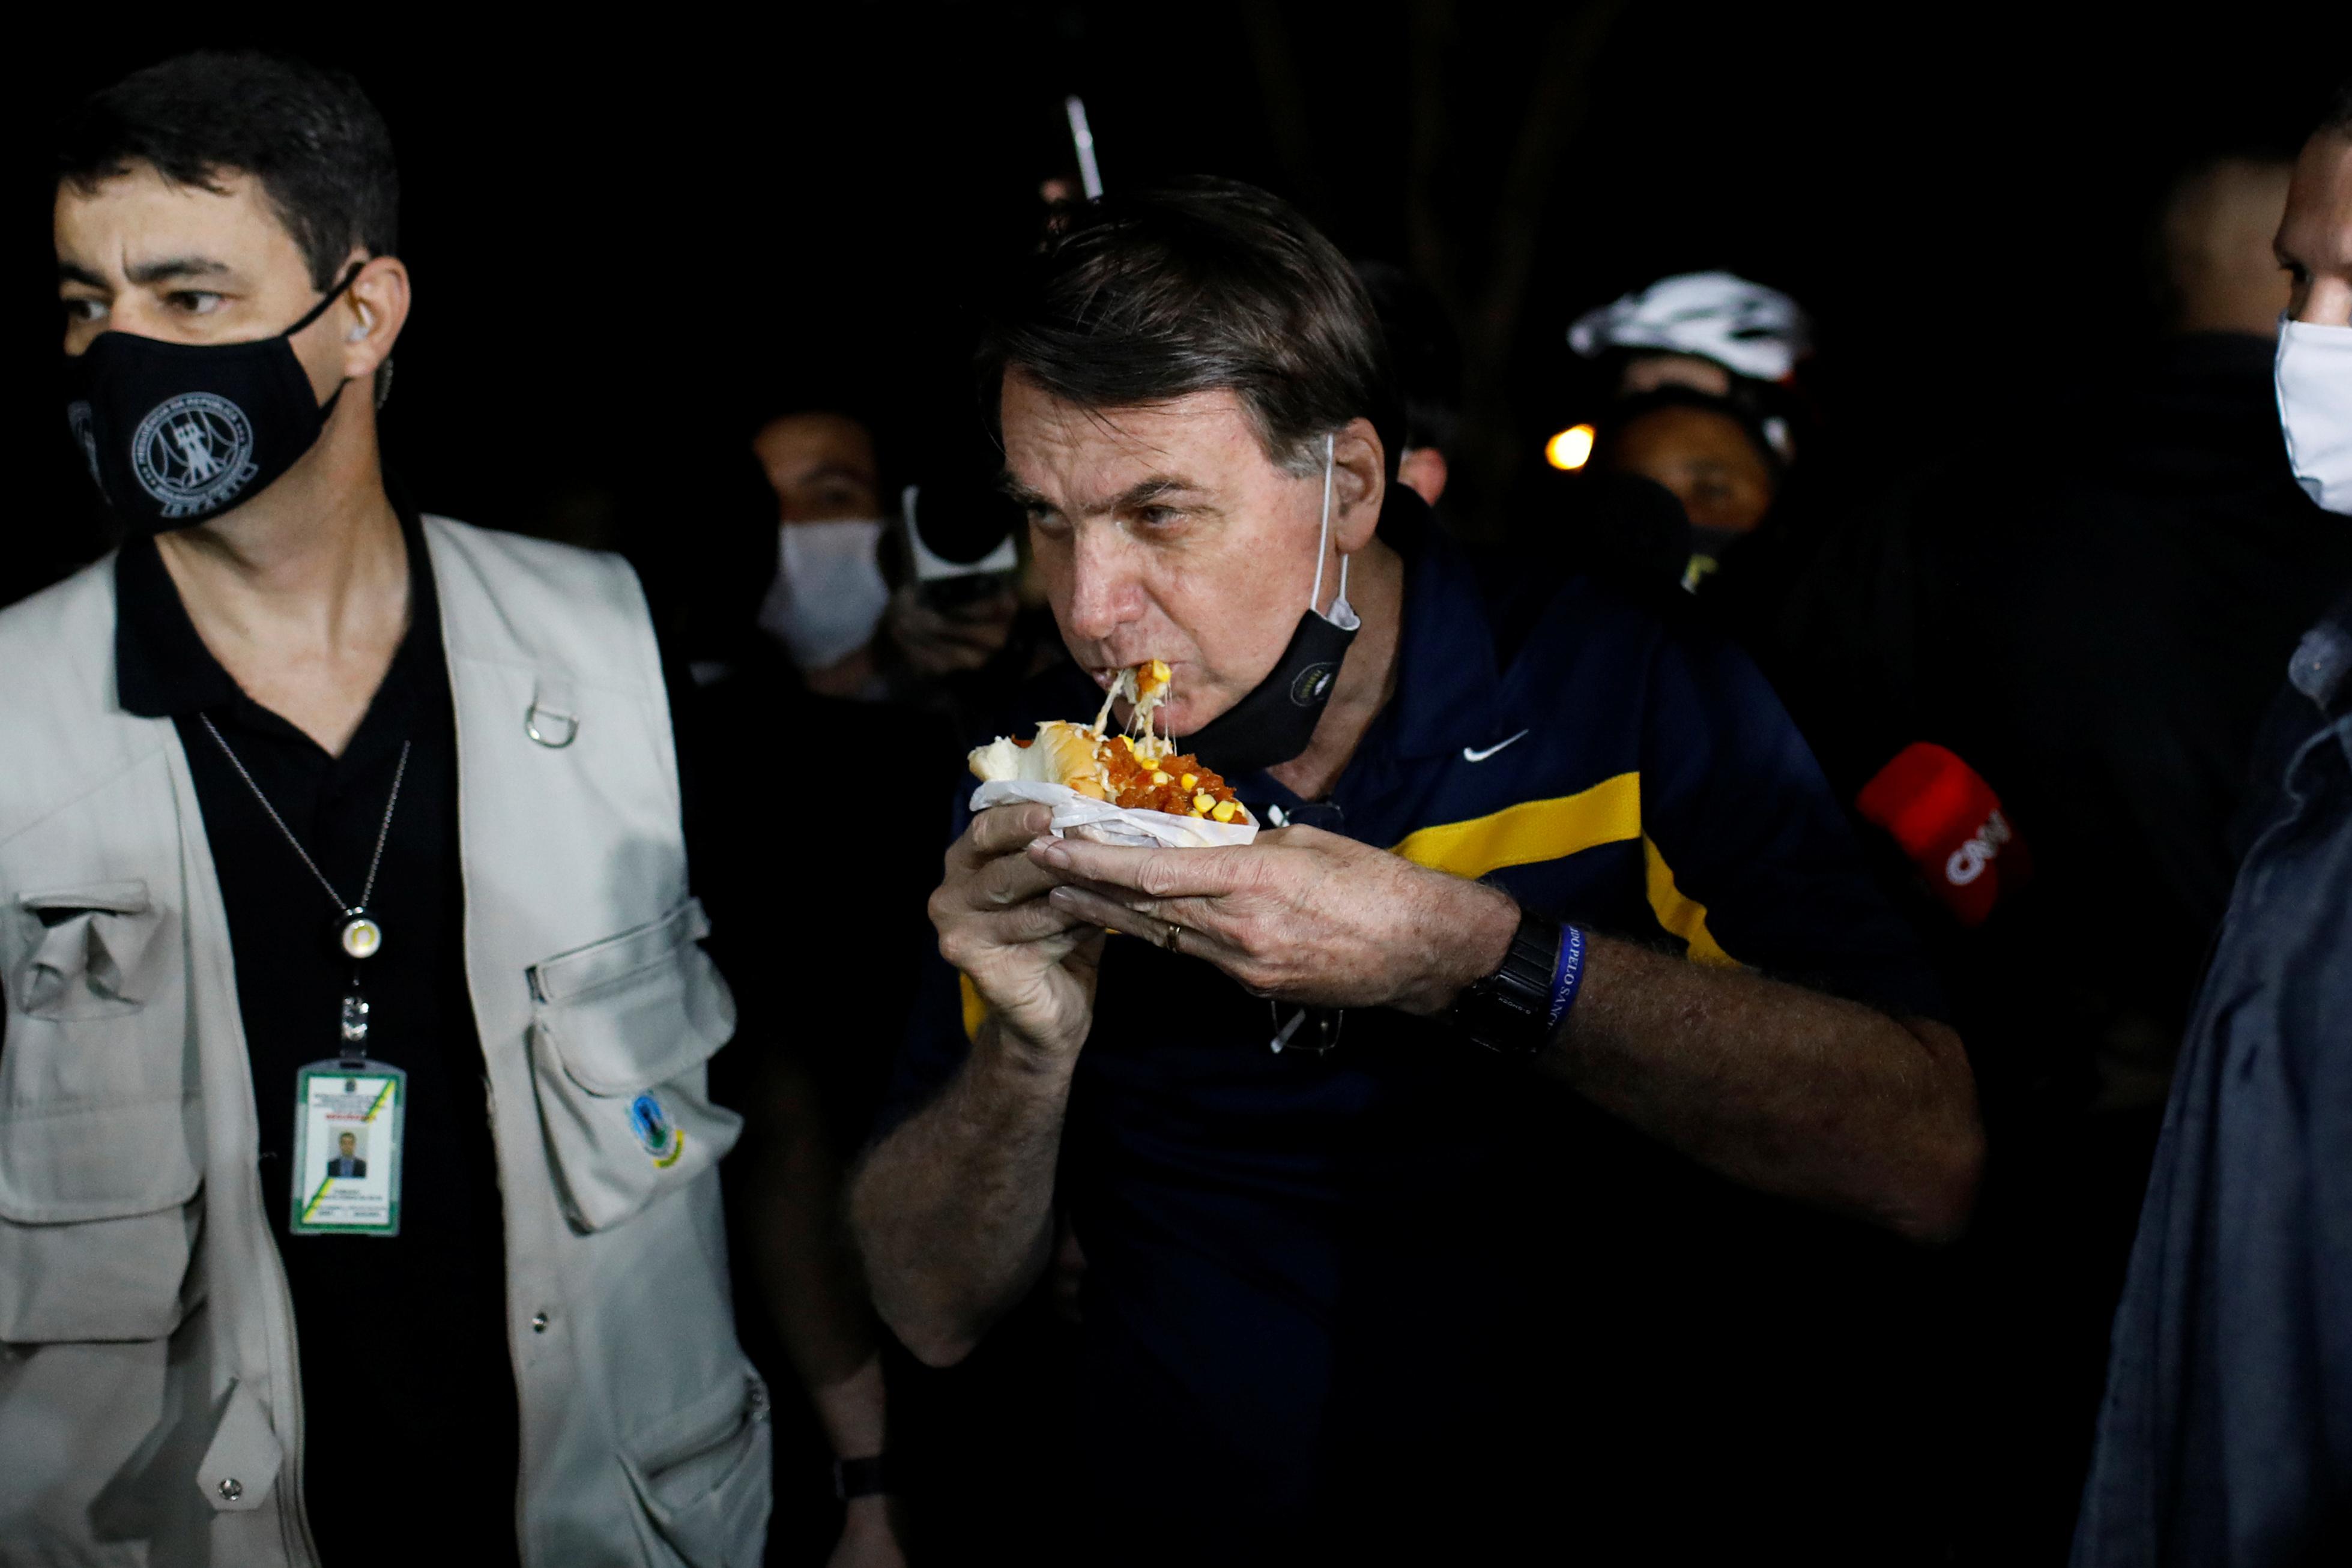 Bolsonaro comiendo un hotdog en una cafeteria en la calle, el 23 de mayo pasado REUTERS/Adriano Machado